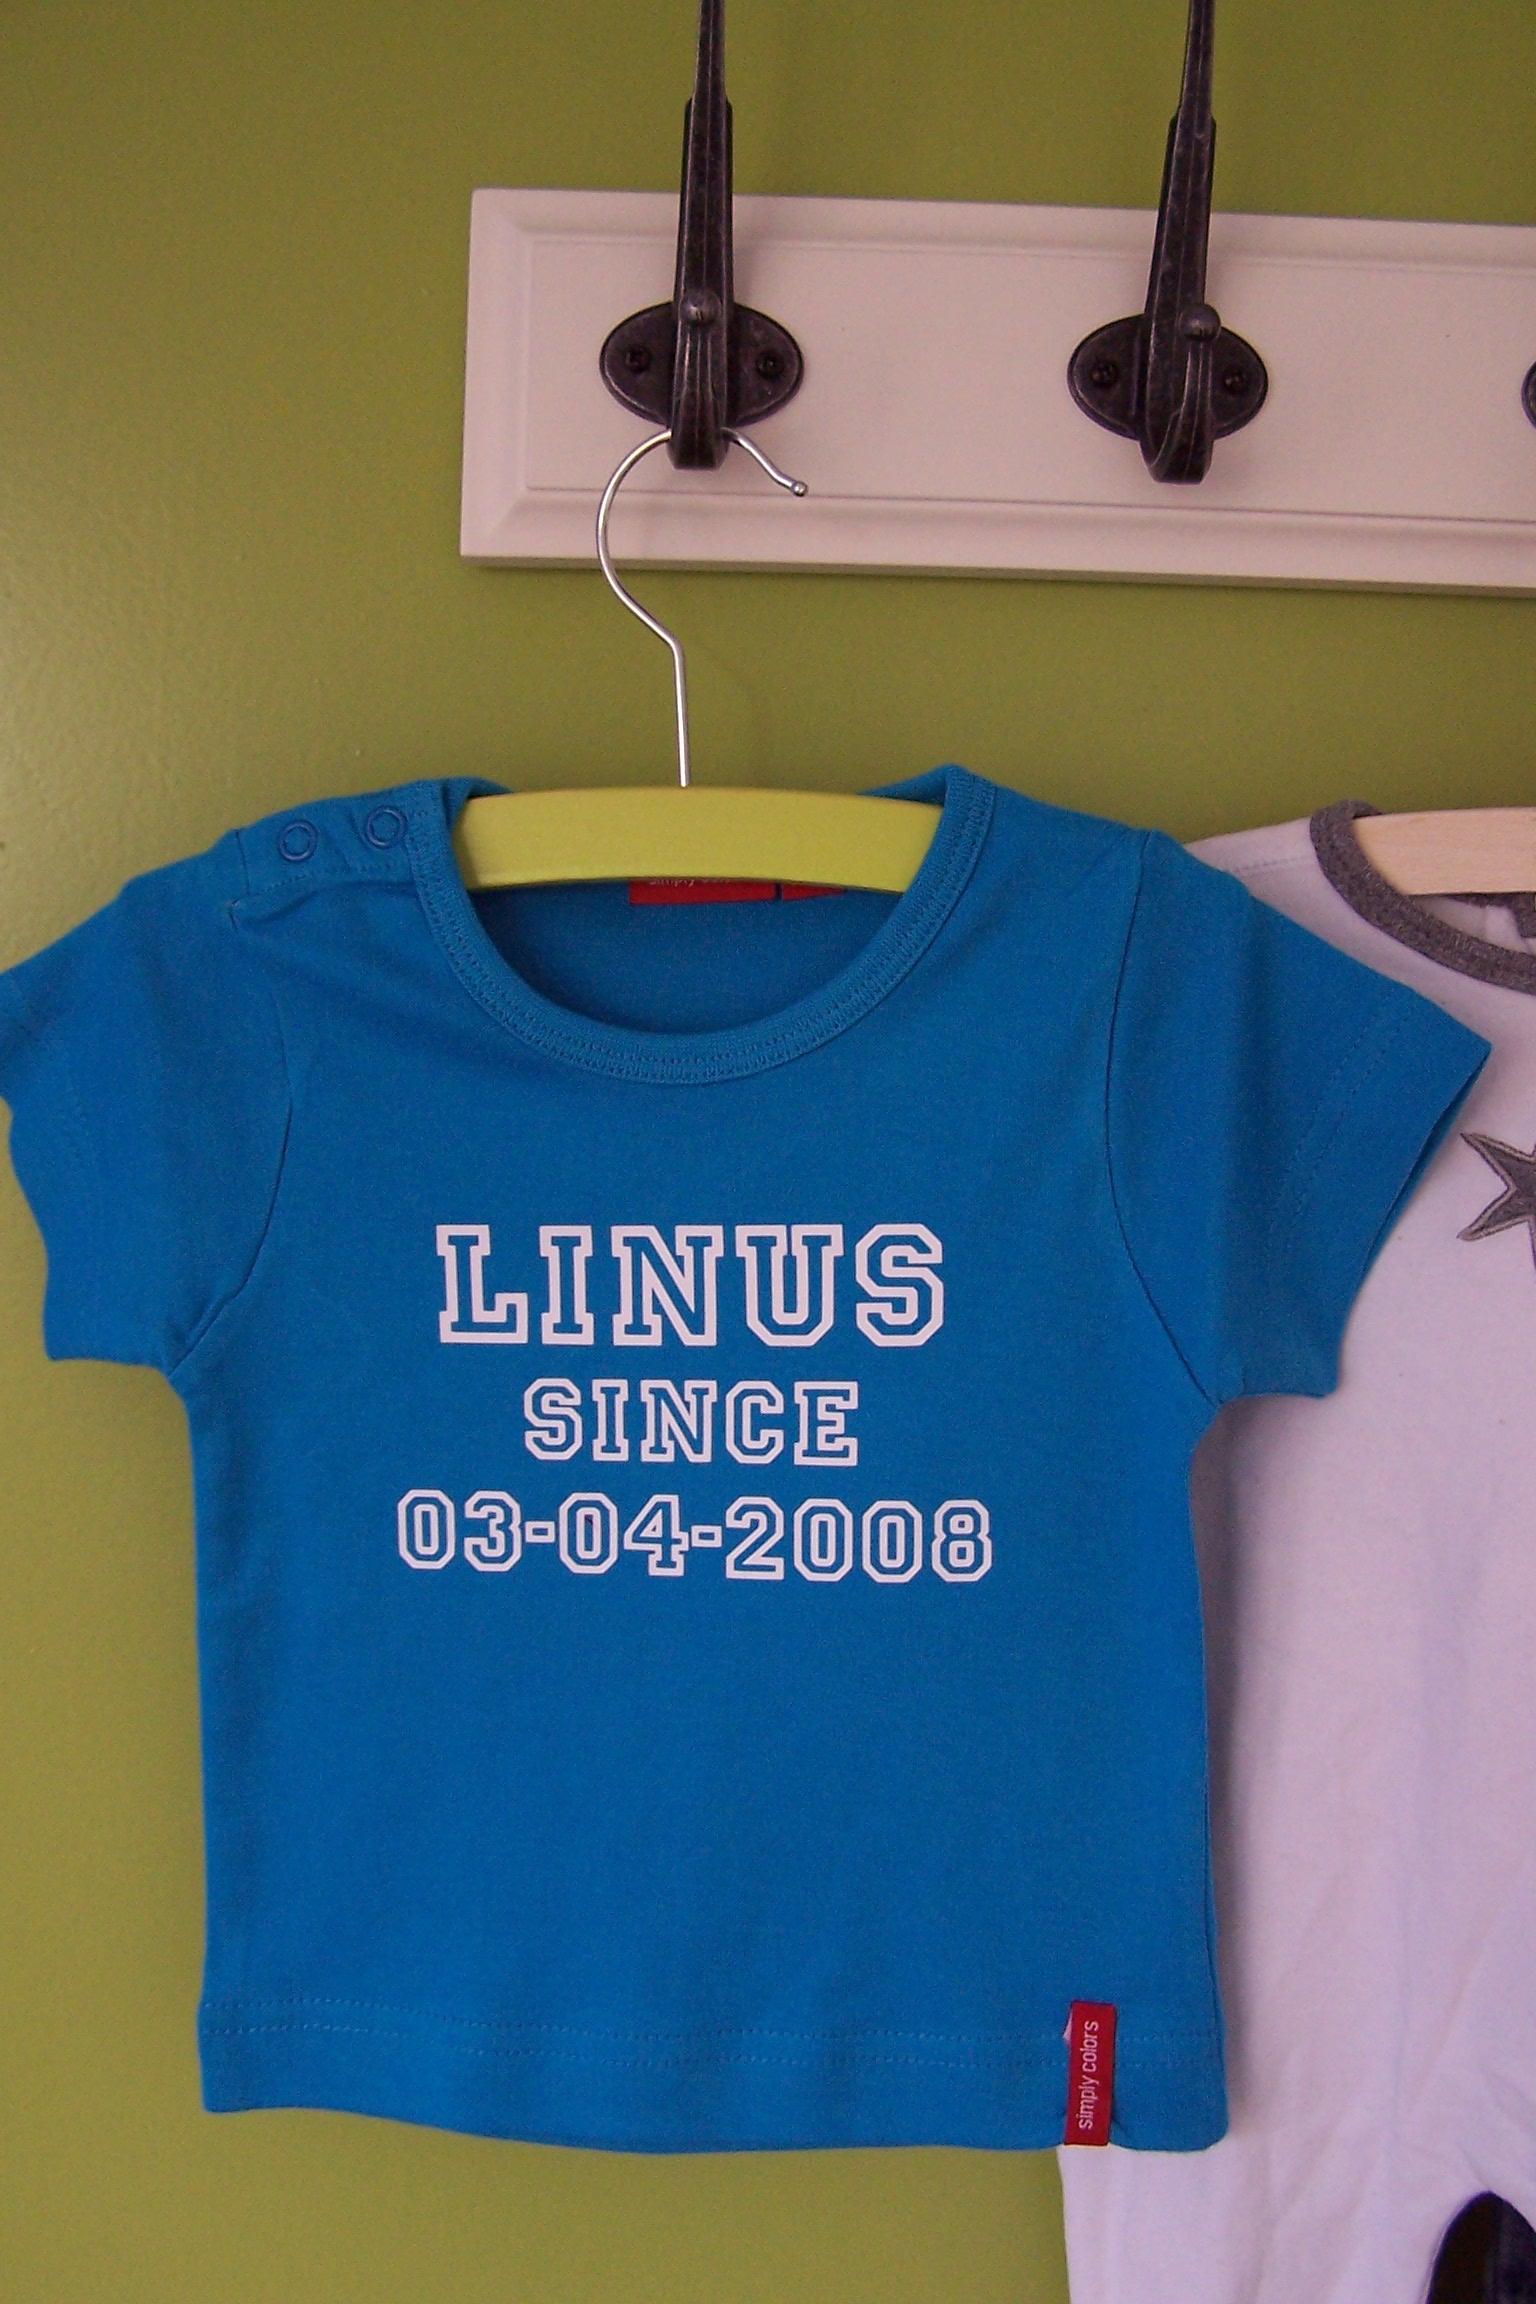 2008 mei 738